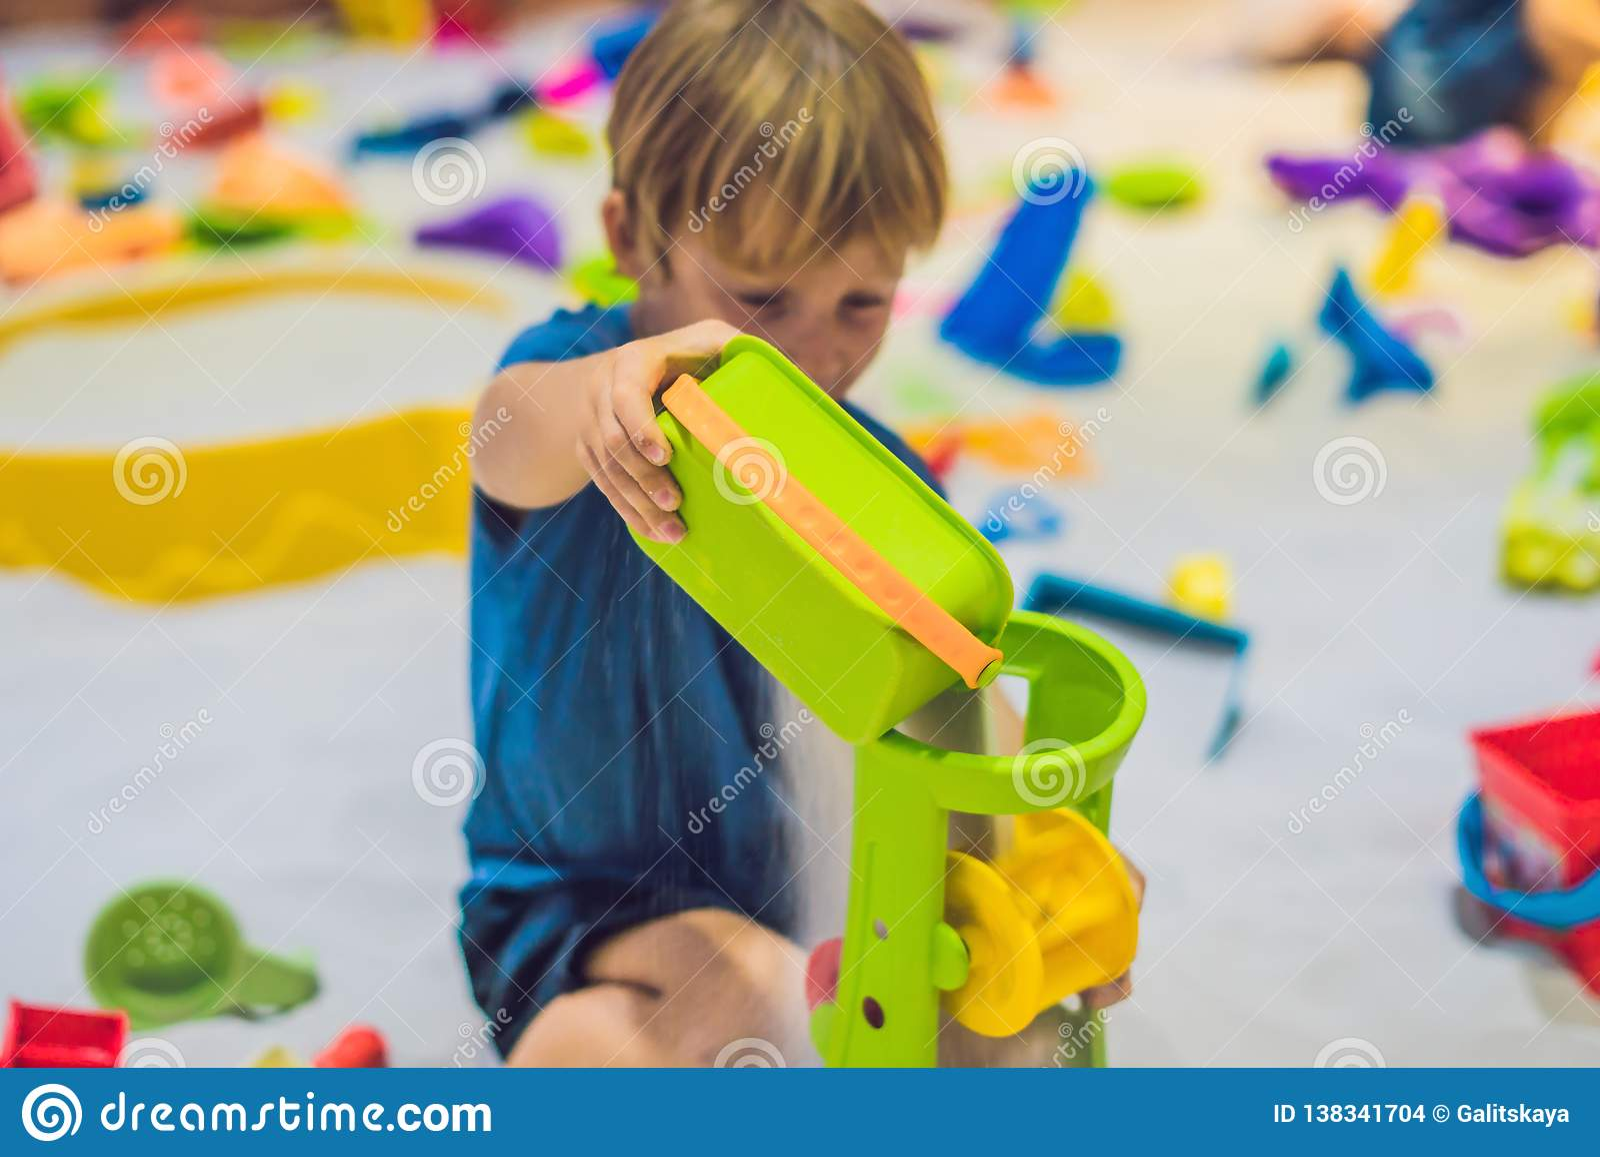 Garçon jouant avec le sable dans l école maternelle Le développement du concept fin de moteur Concept de jeu de créativité